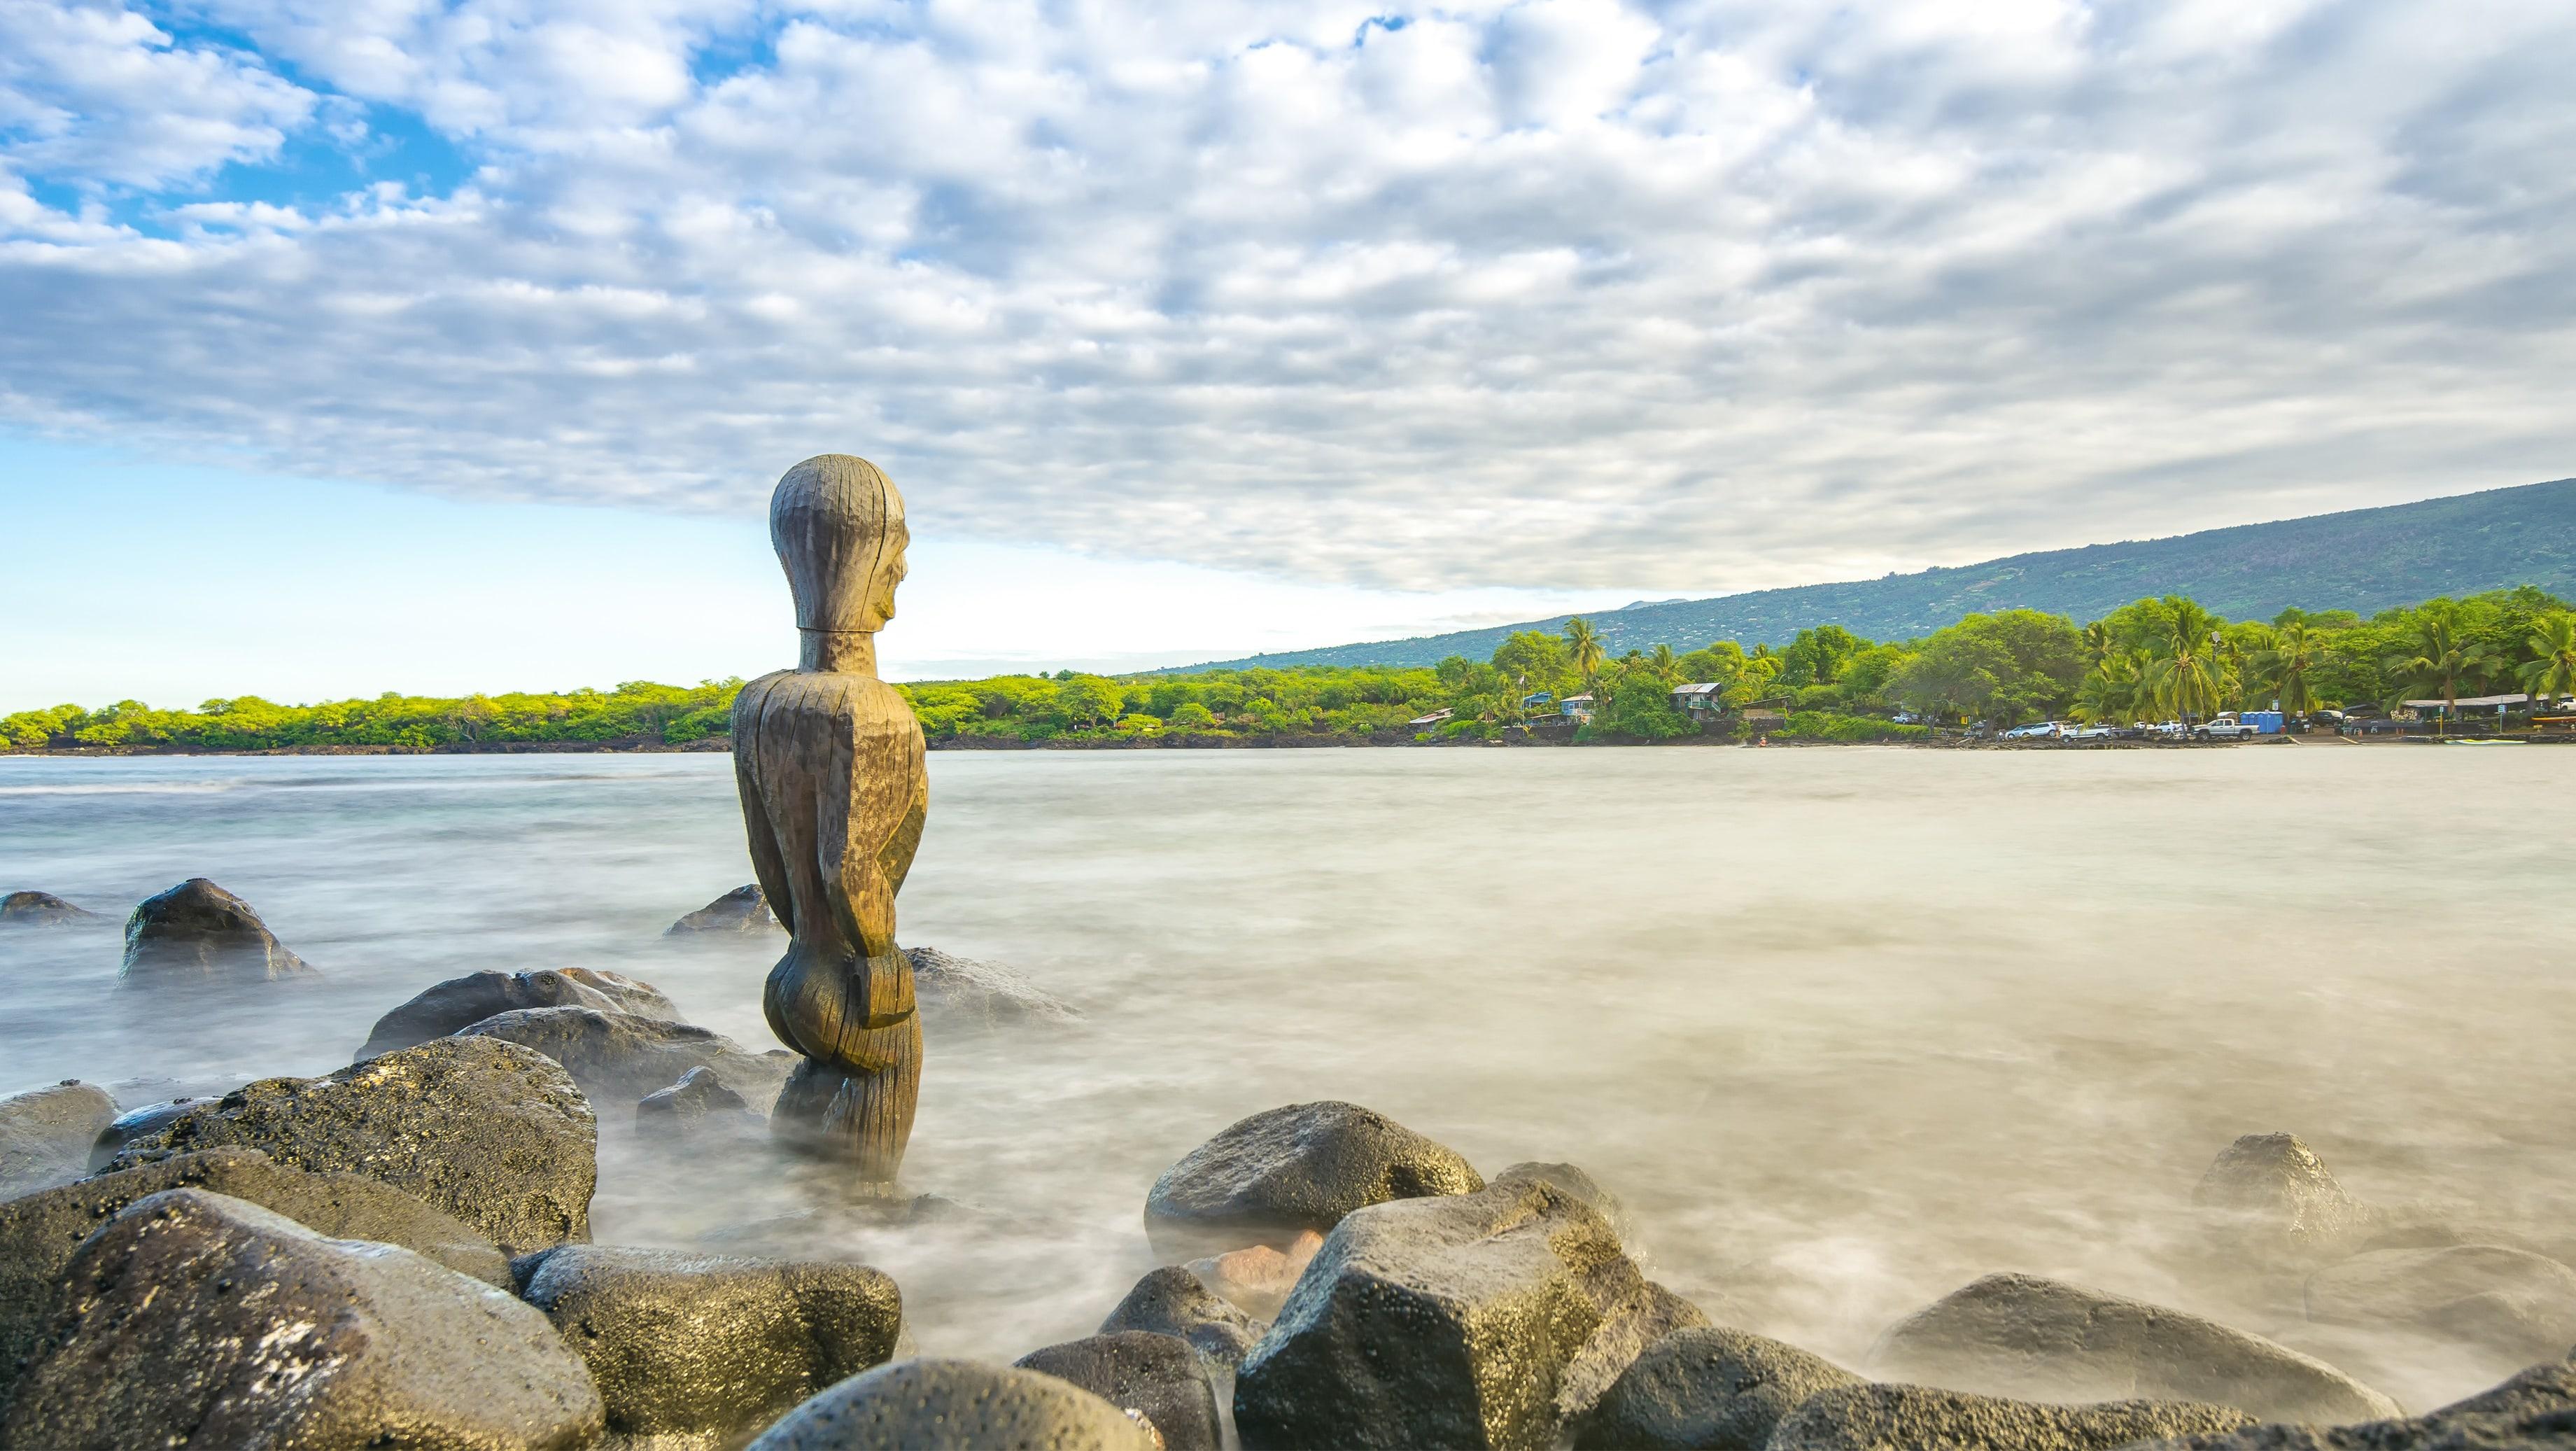 Puuhonua o Honaunau